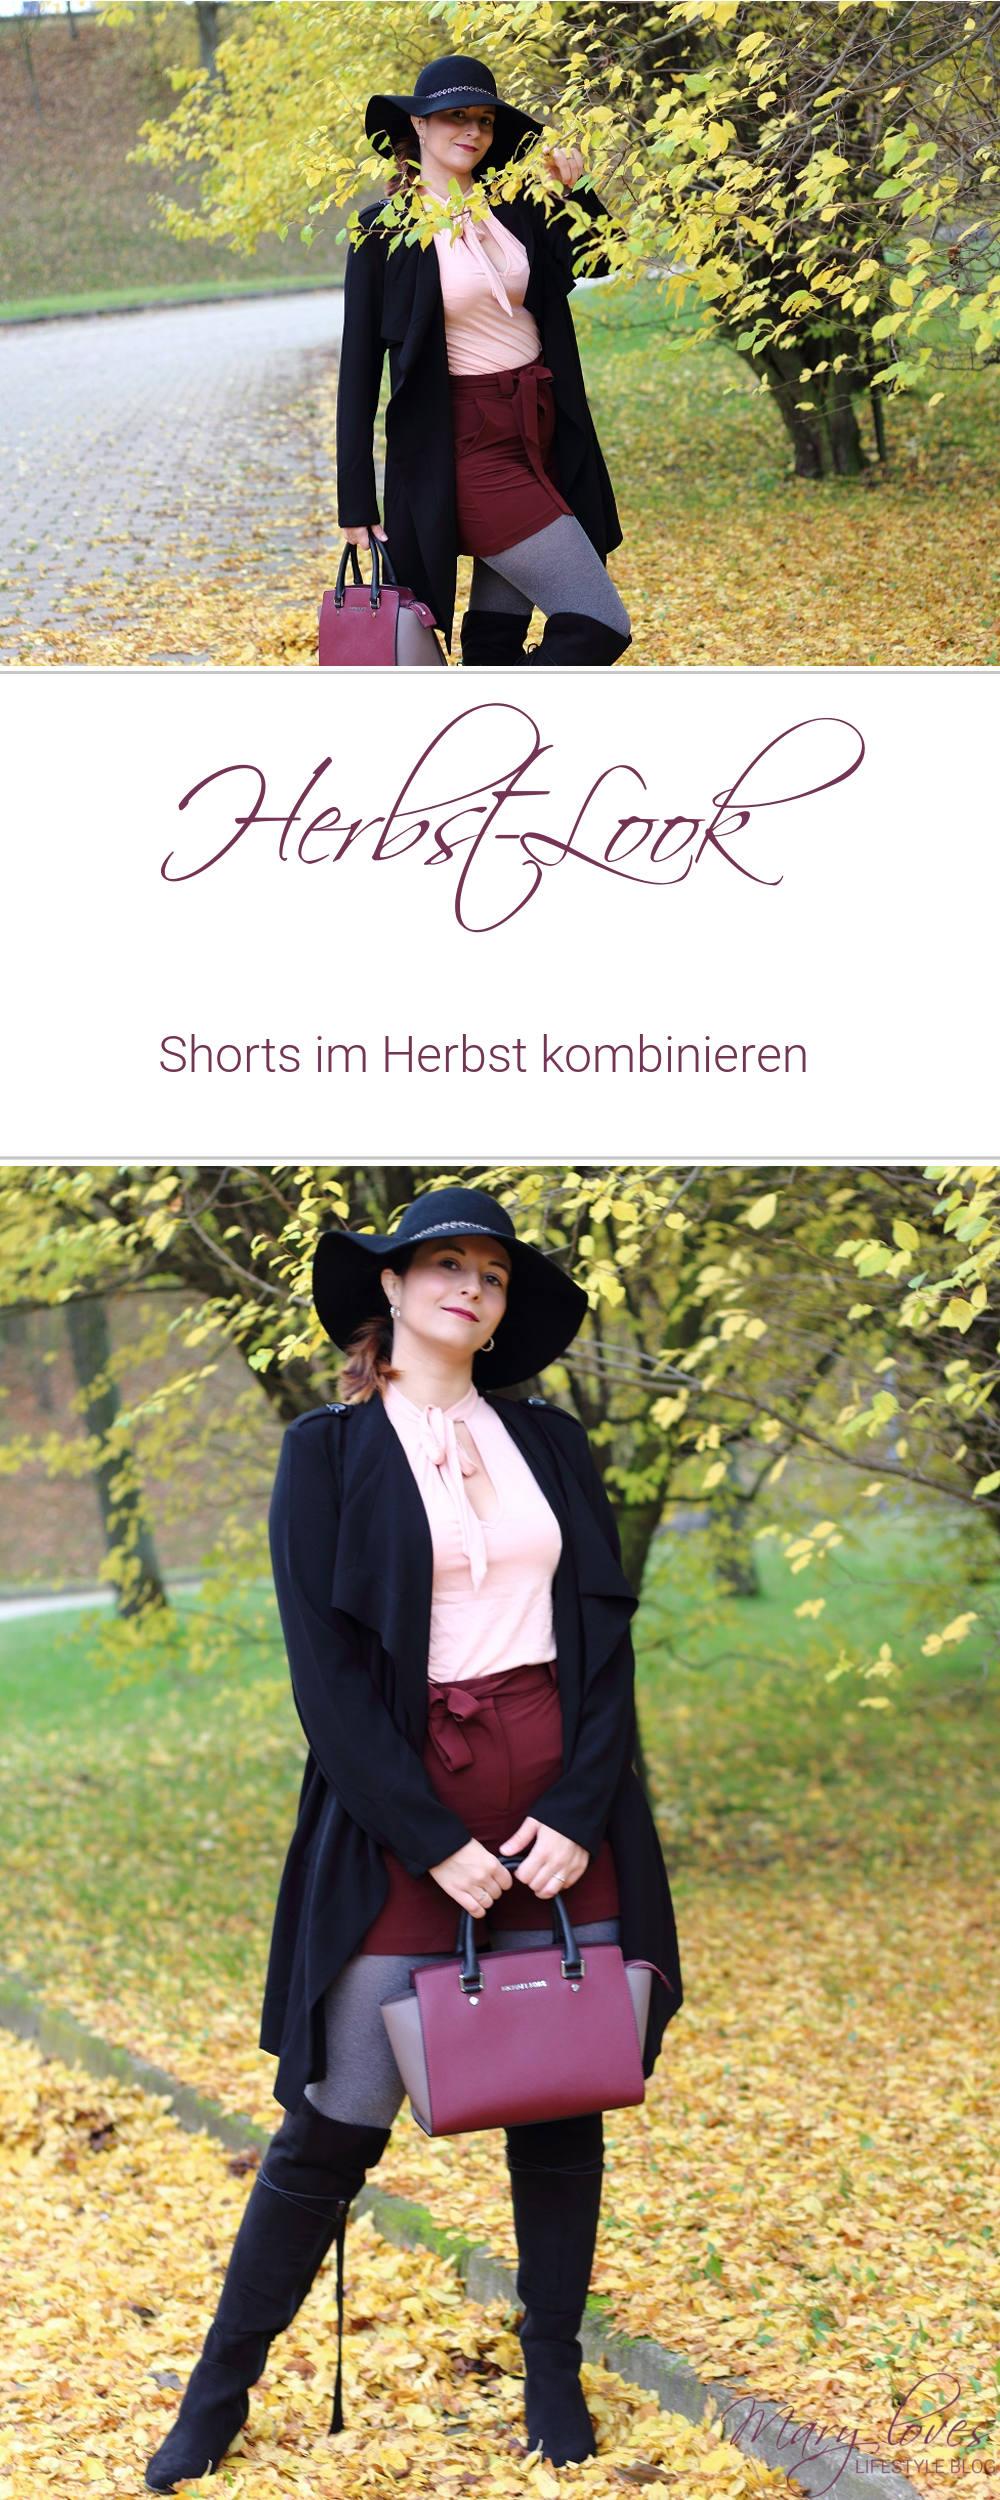 [Outfit] Shorts im Herbst kombinieren - Herbstlook